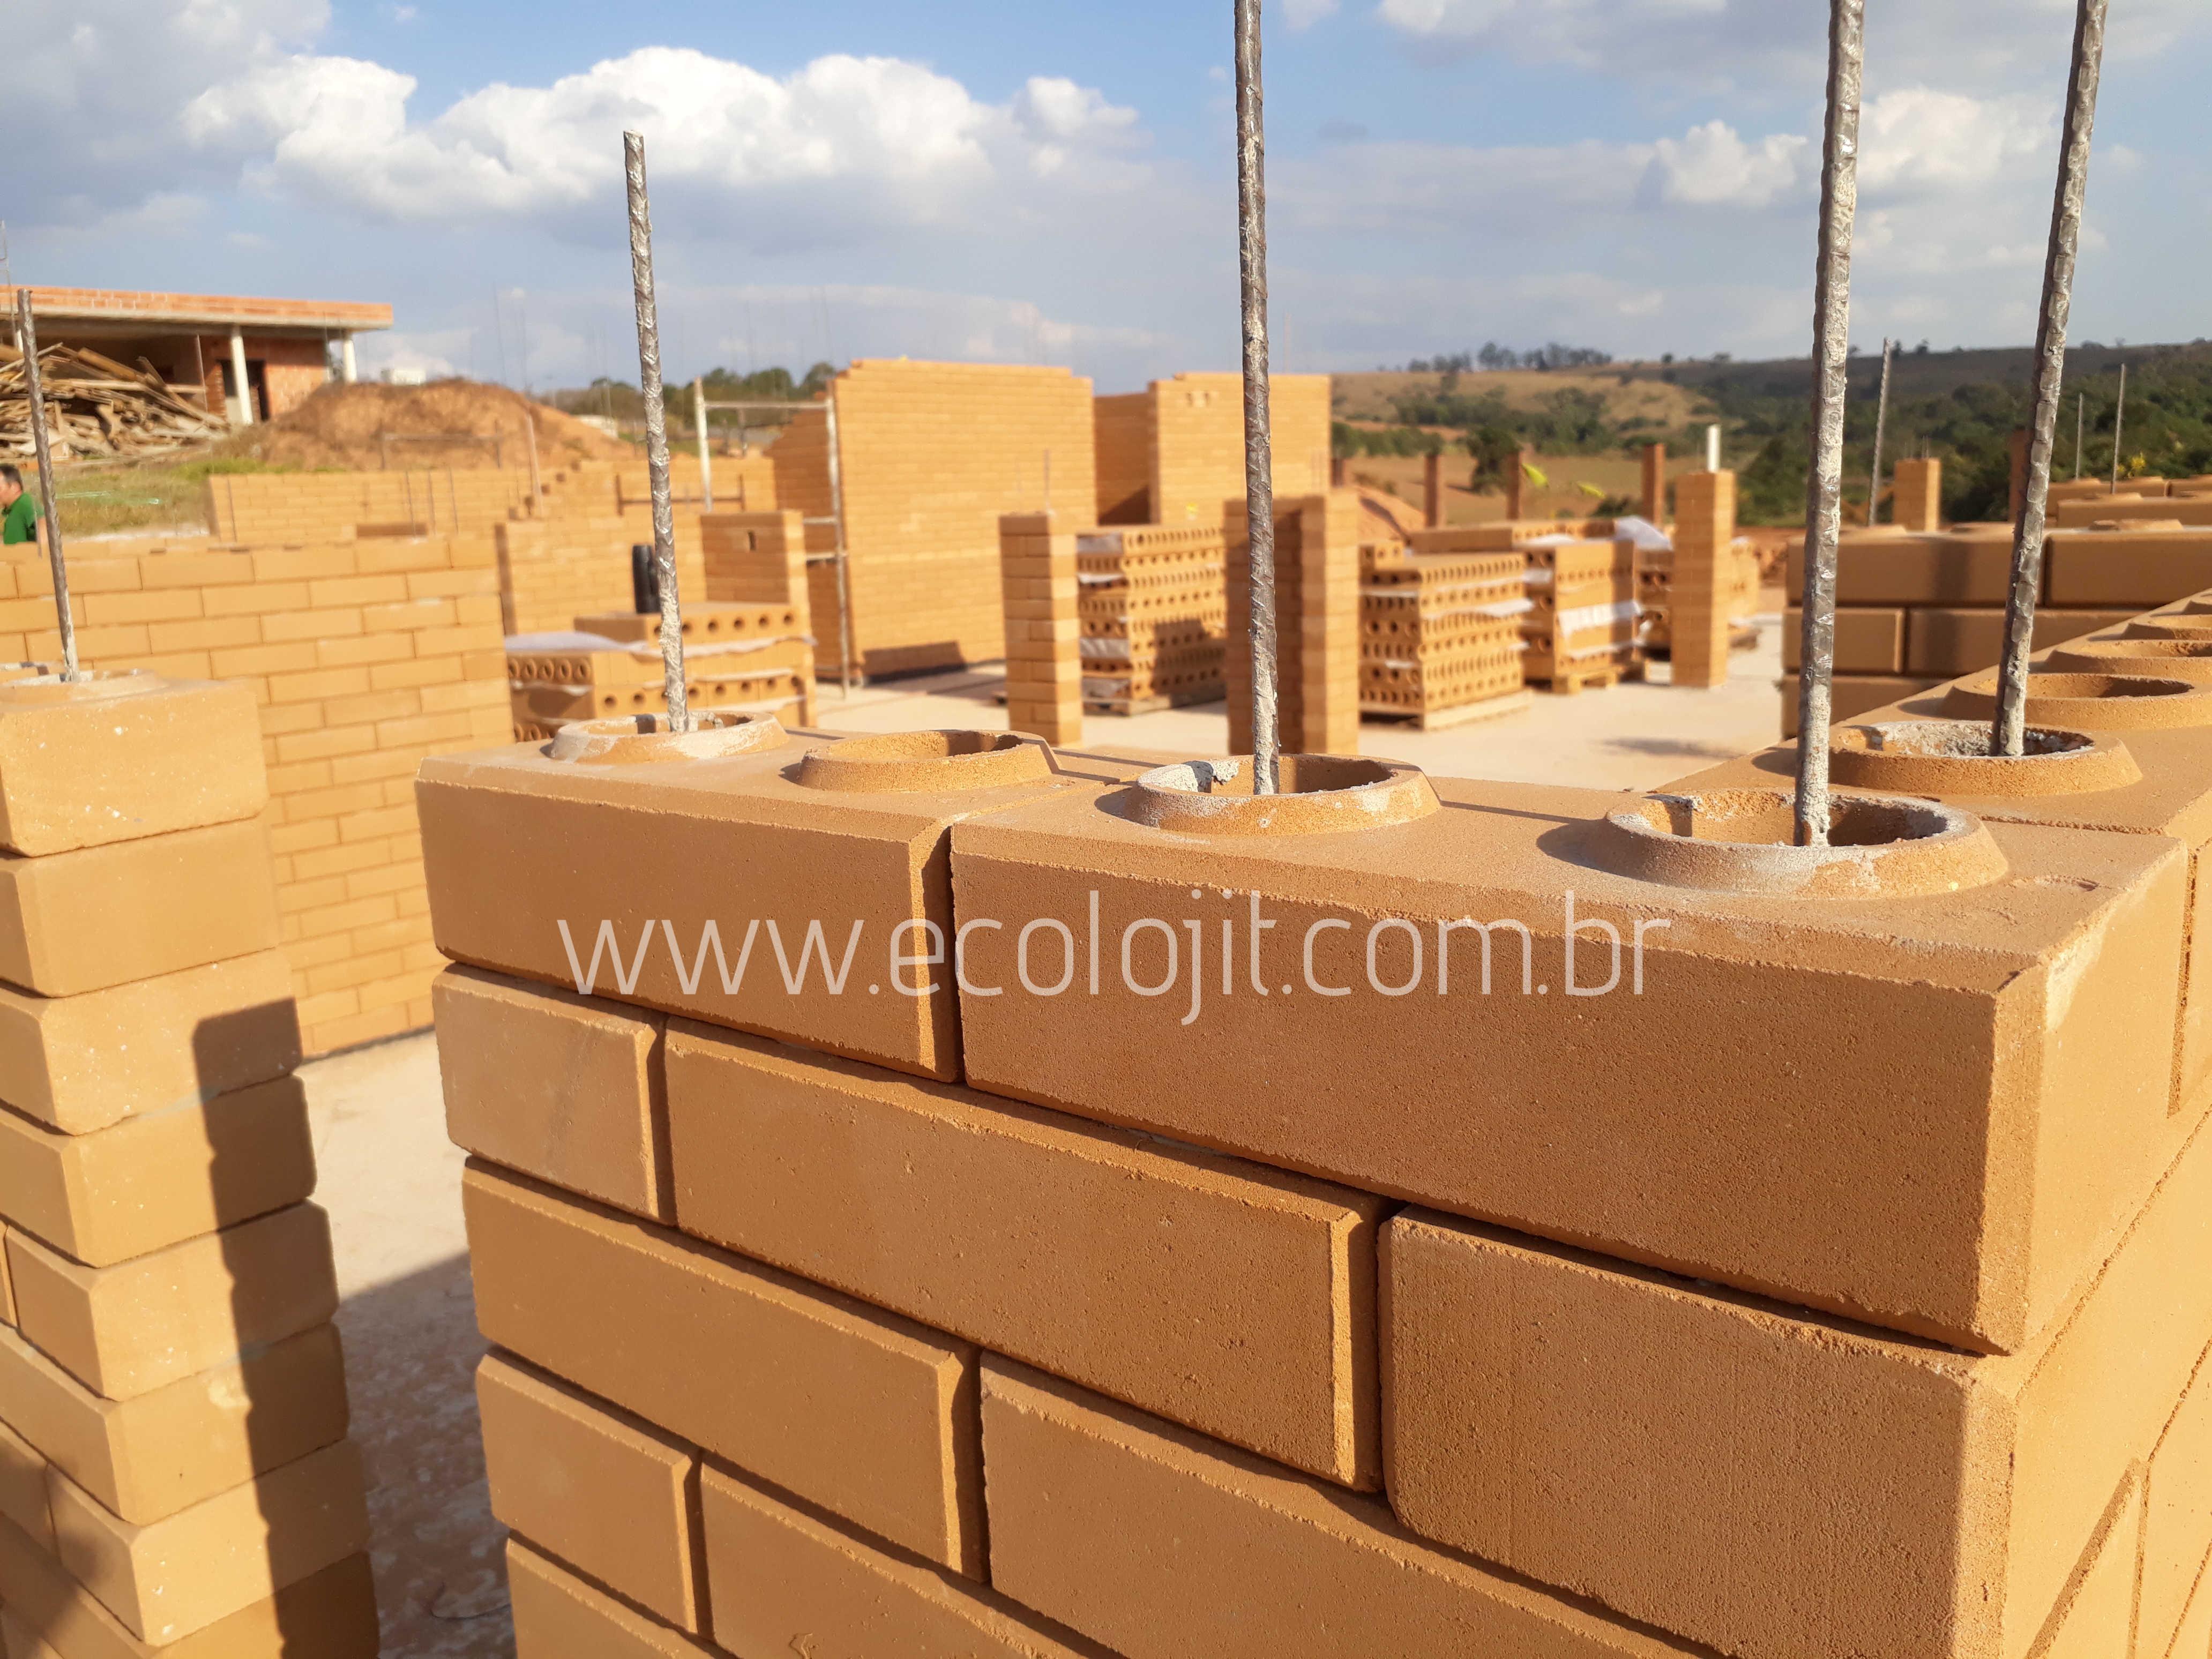 Tijolo Ecológico sendo utilizado para construção de uma residencia em São Paulo.